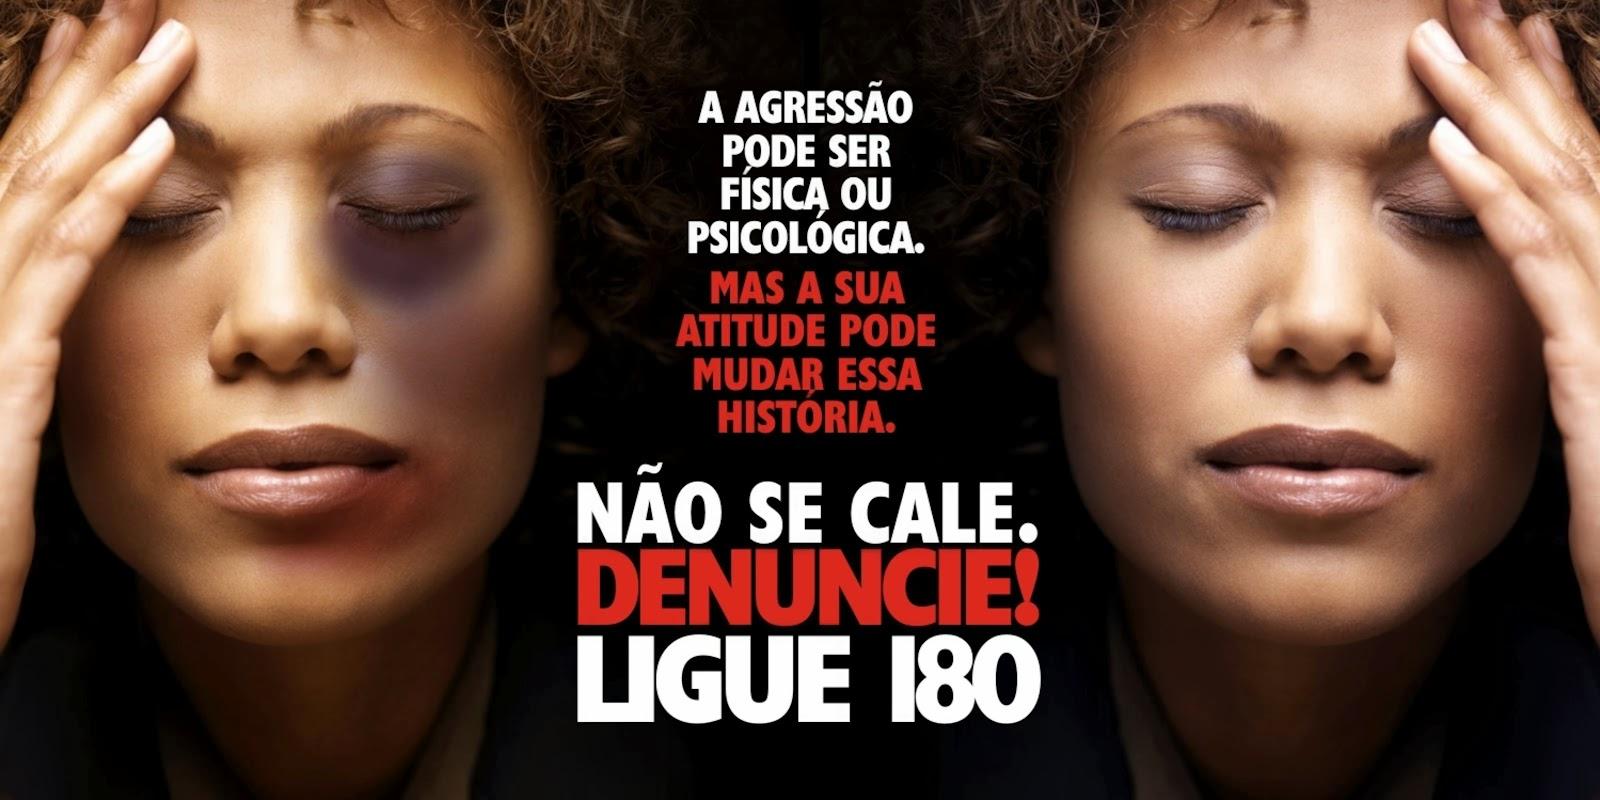 DISFARÇAR NÃO É A SOLUÇÃO - DENUNCIE!!!